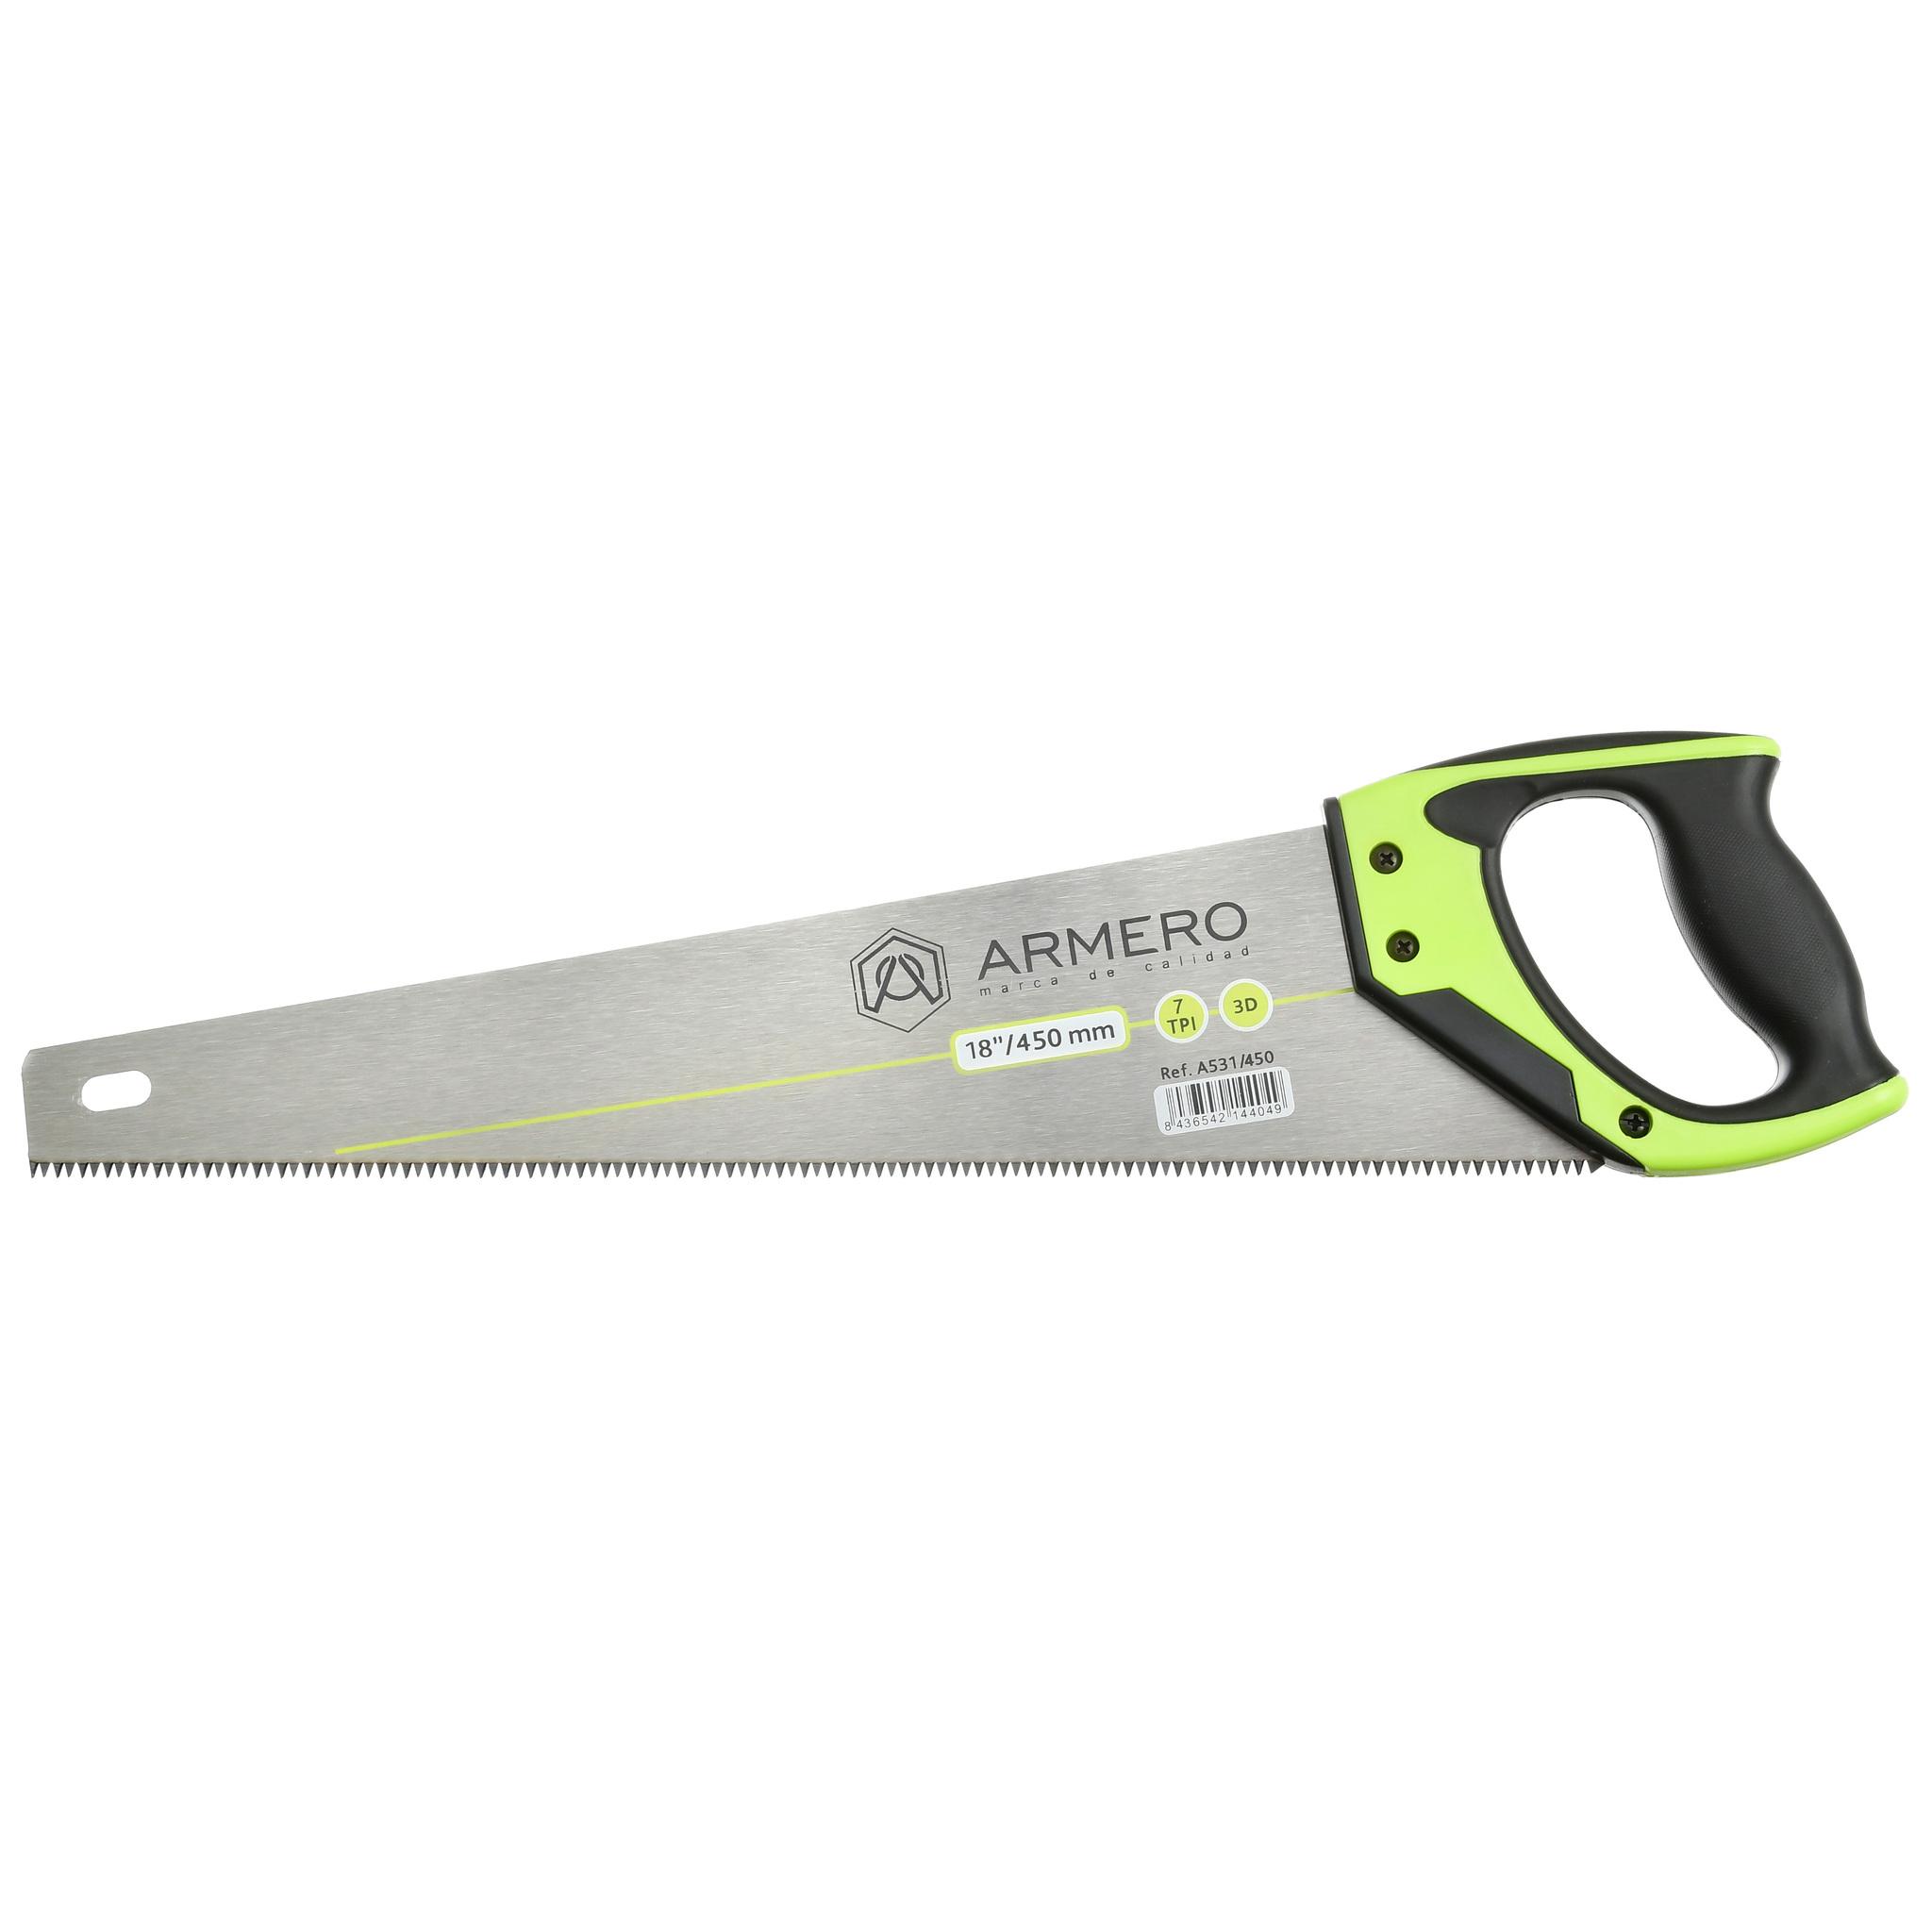 Ножовка по дереву A531/450, 450мм, 3d, крупный зуб